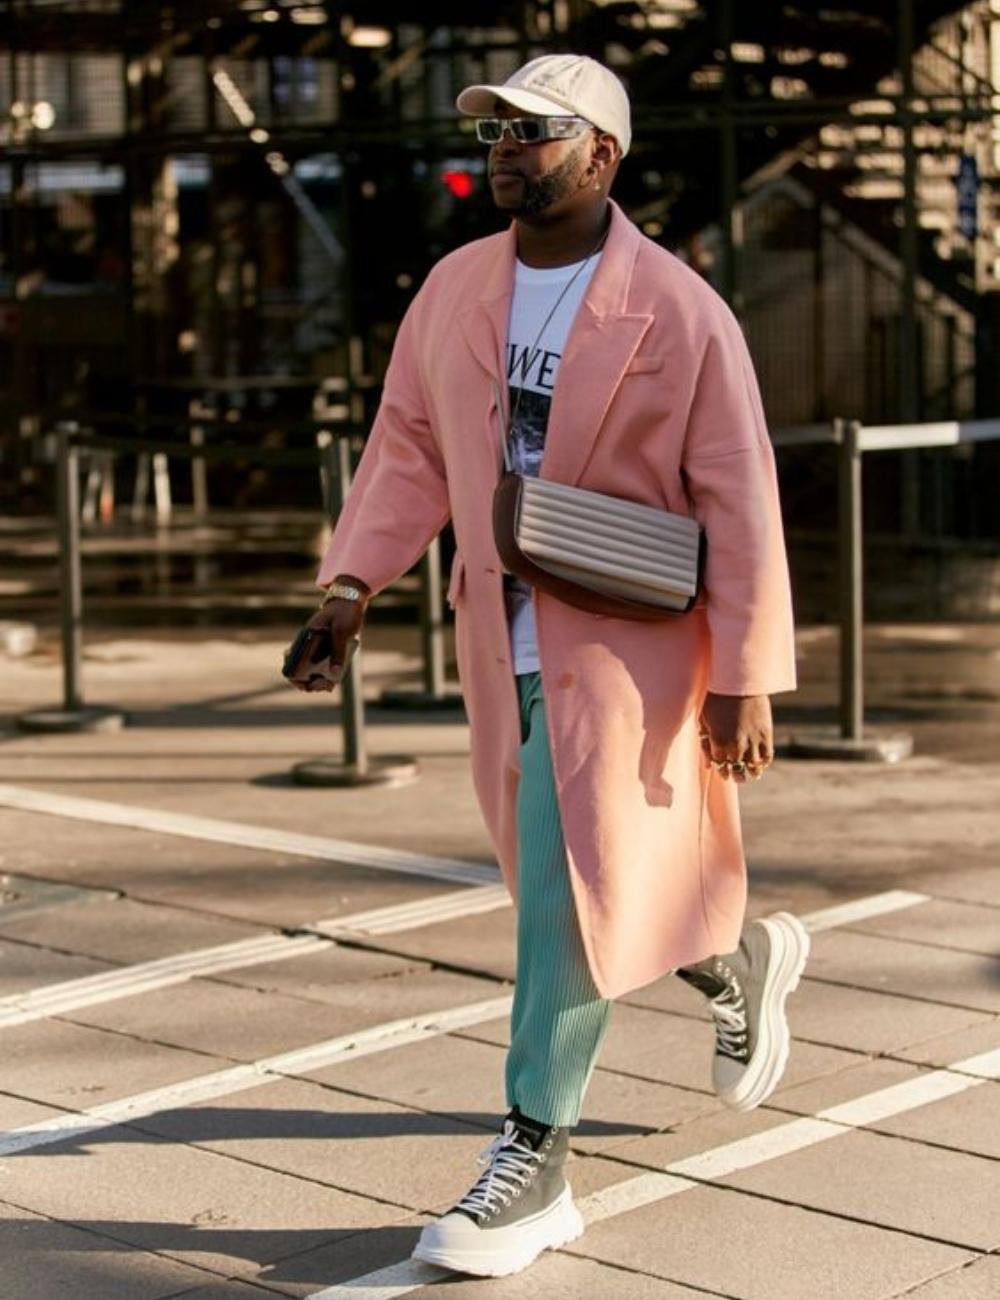 Người đàn ông mặc trang phục áo thun trắng, áo khoác và mũ lưỡi trai hồng, quần ply dập xanh lá và giày boots.